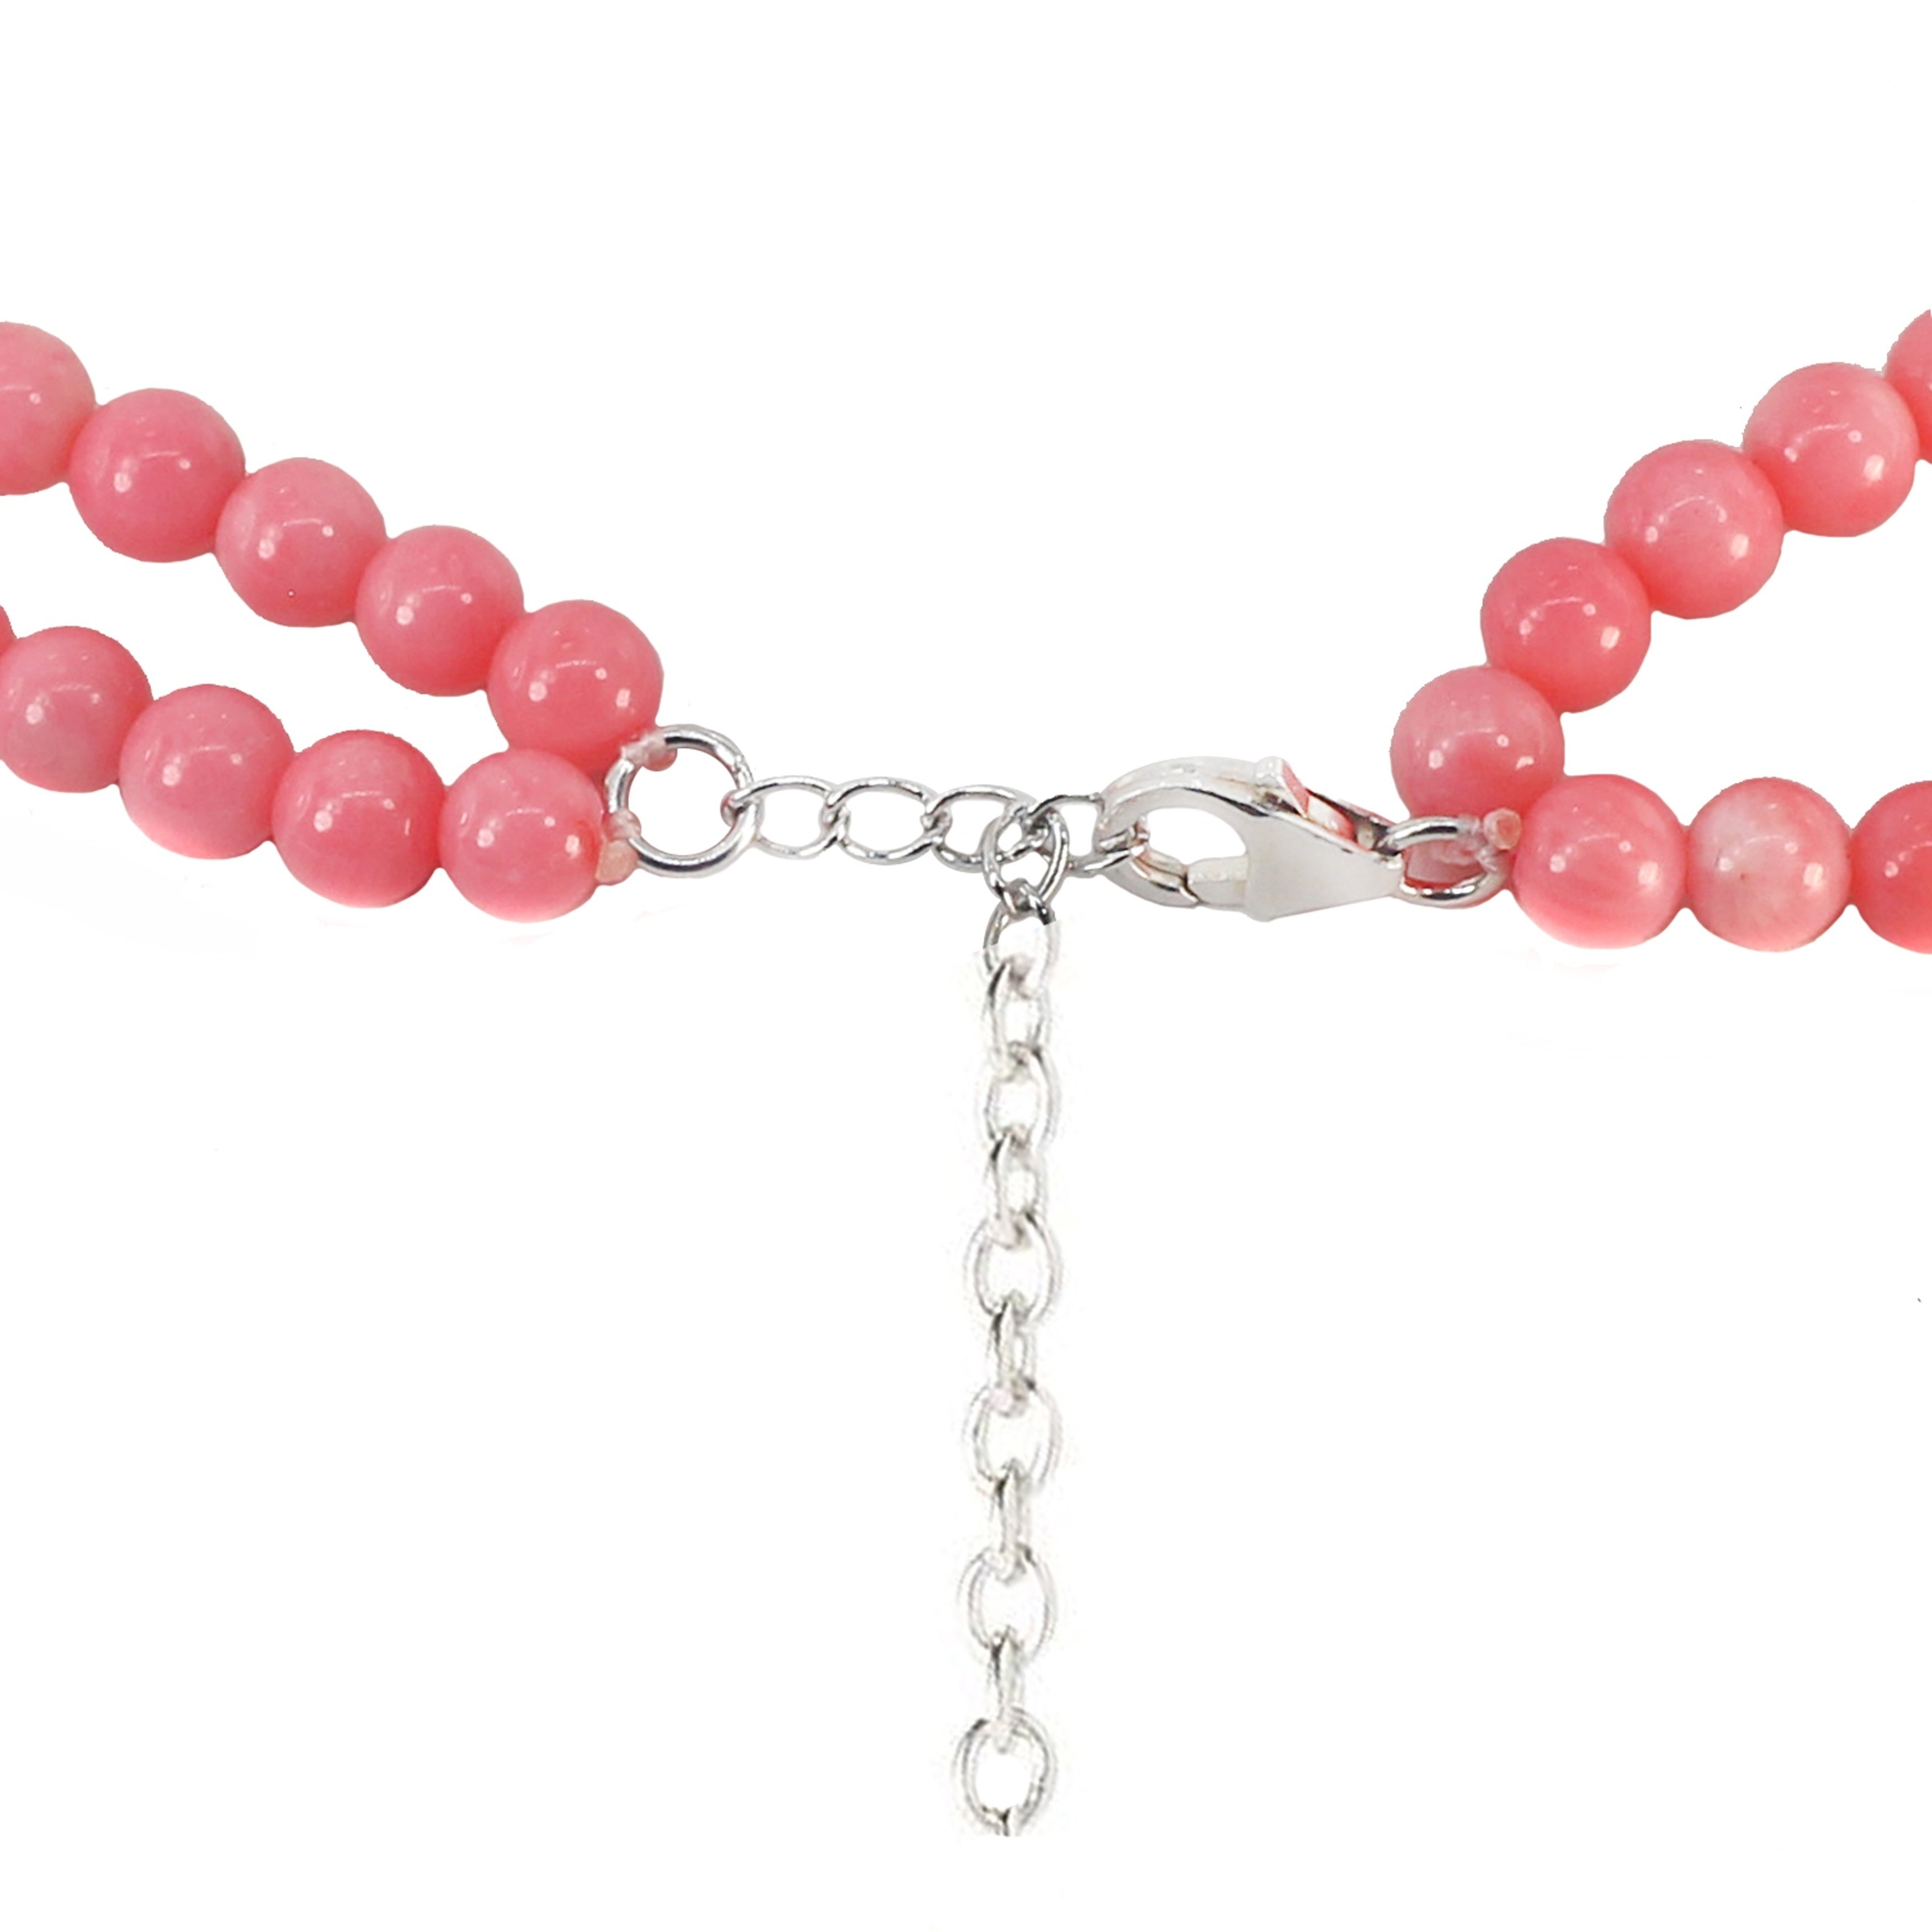 Bailysbeads noble Designer Pink topacio collar cadena Collier facetada 025